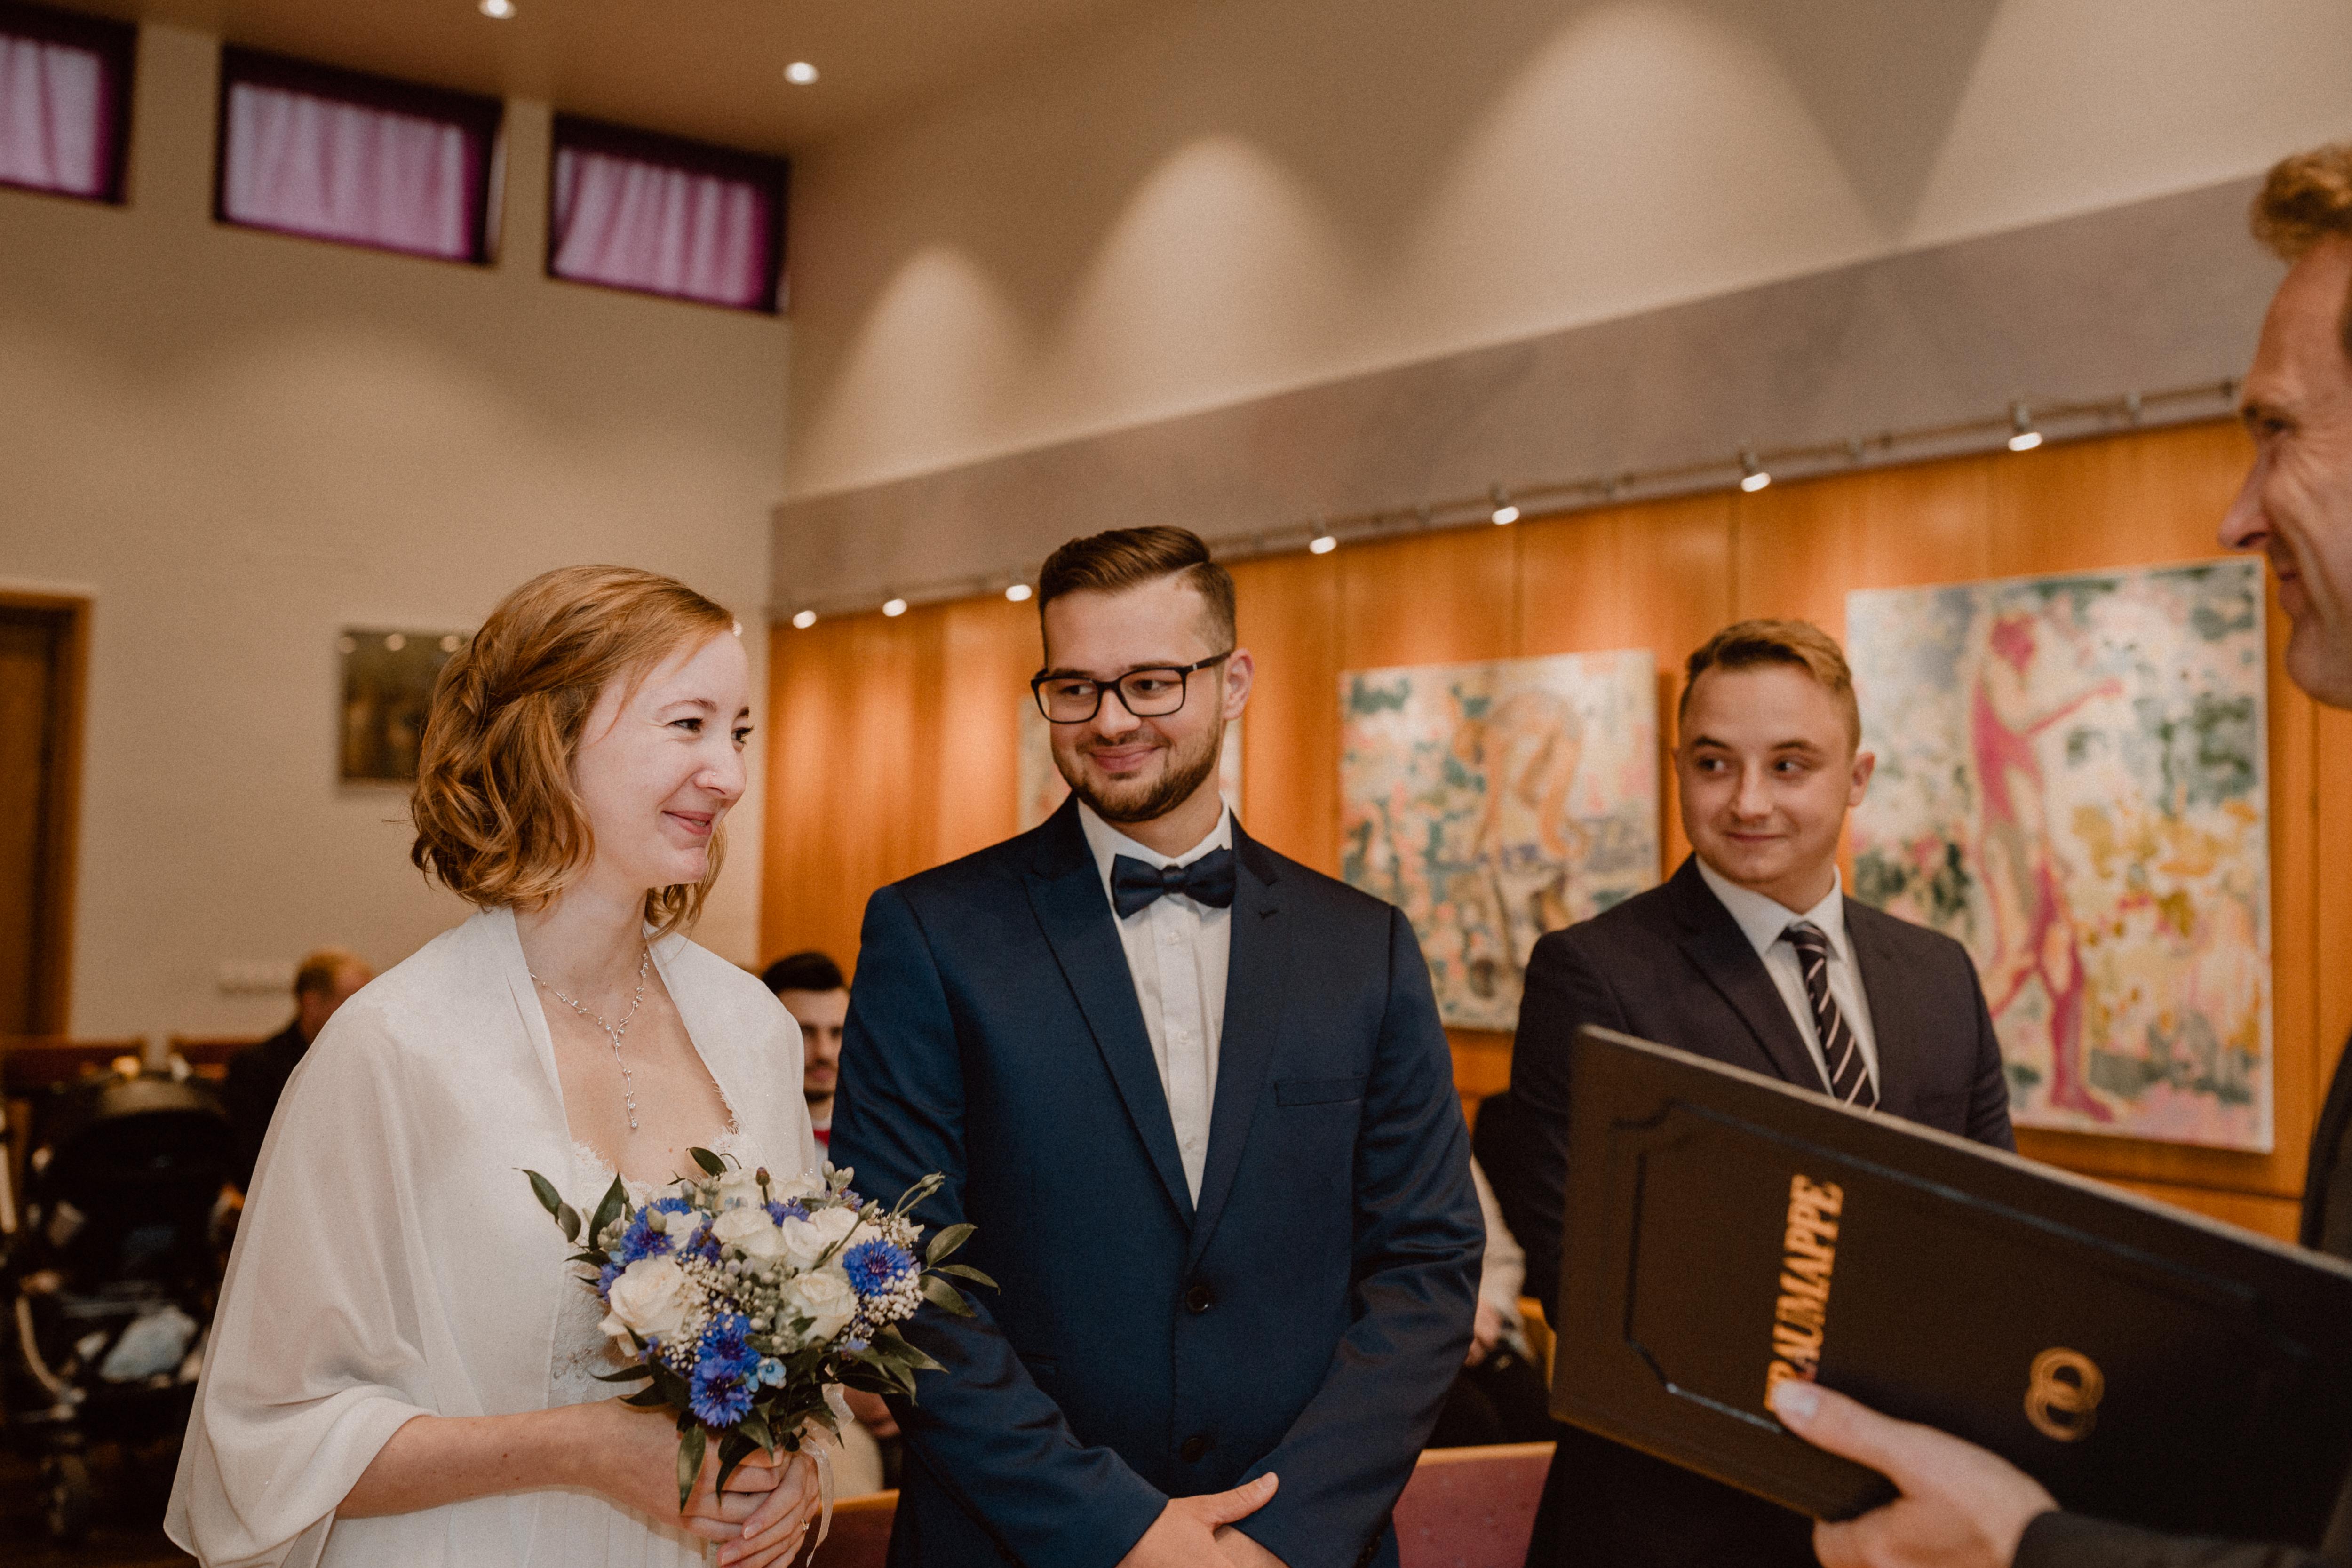 URBANERIE_Daniela_Goth_Hochzeitsfotografin_Nürnberg_Fürth_Erlangen_Schwabach_17907_0075